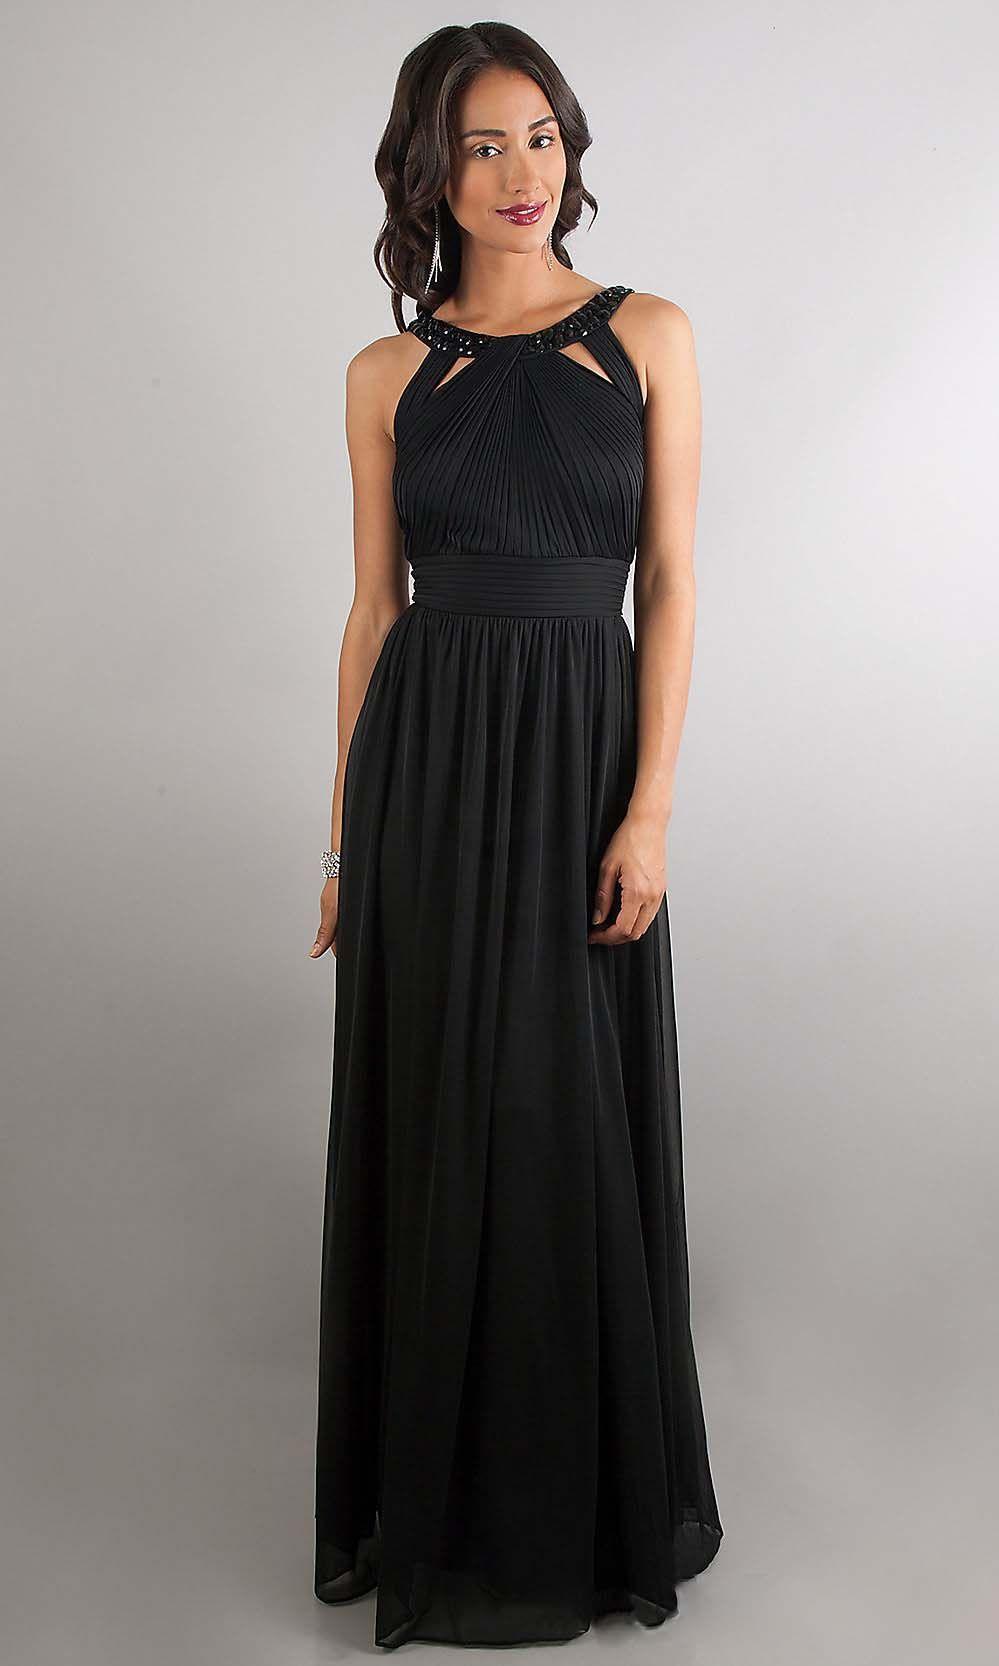 Elegant Prom Dress Black Prom Dresses Chiffon Prom Dress Cheap